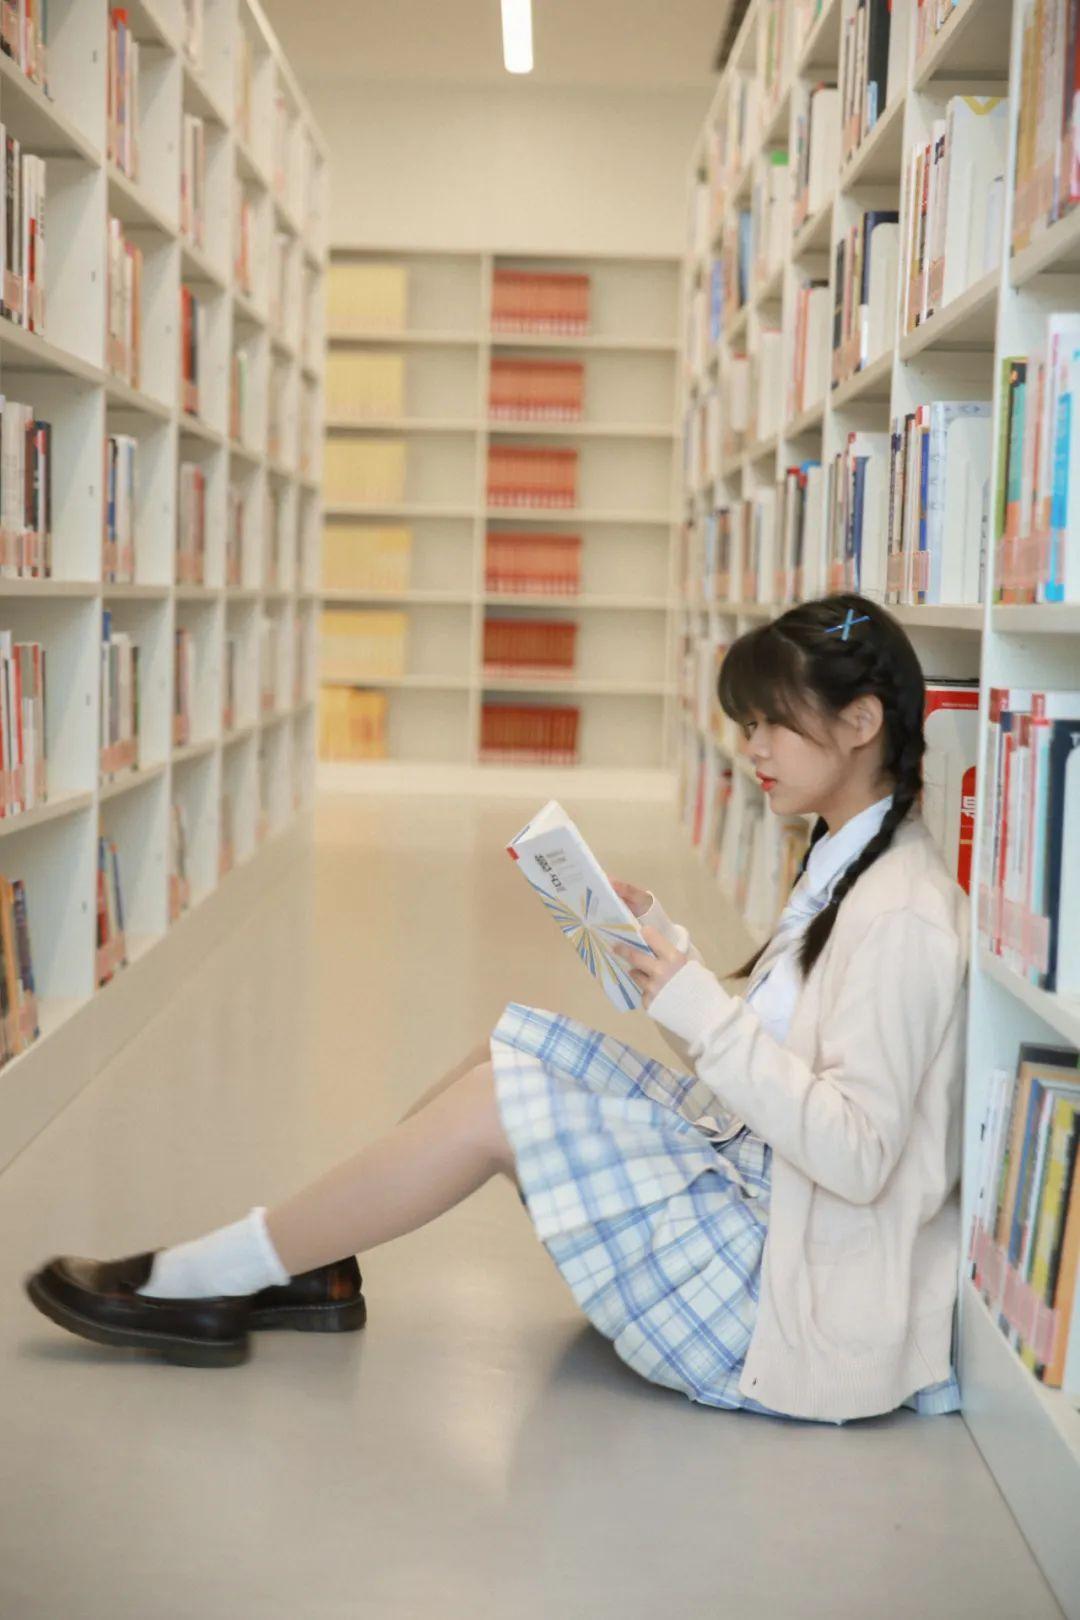 妹子摄影 – 图书馆里热爱学习的JK制服双马尾女孩_图片 No.3